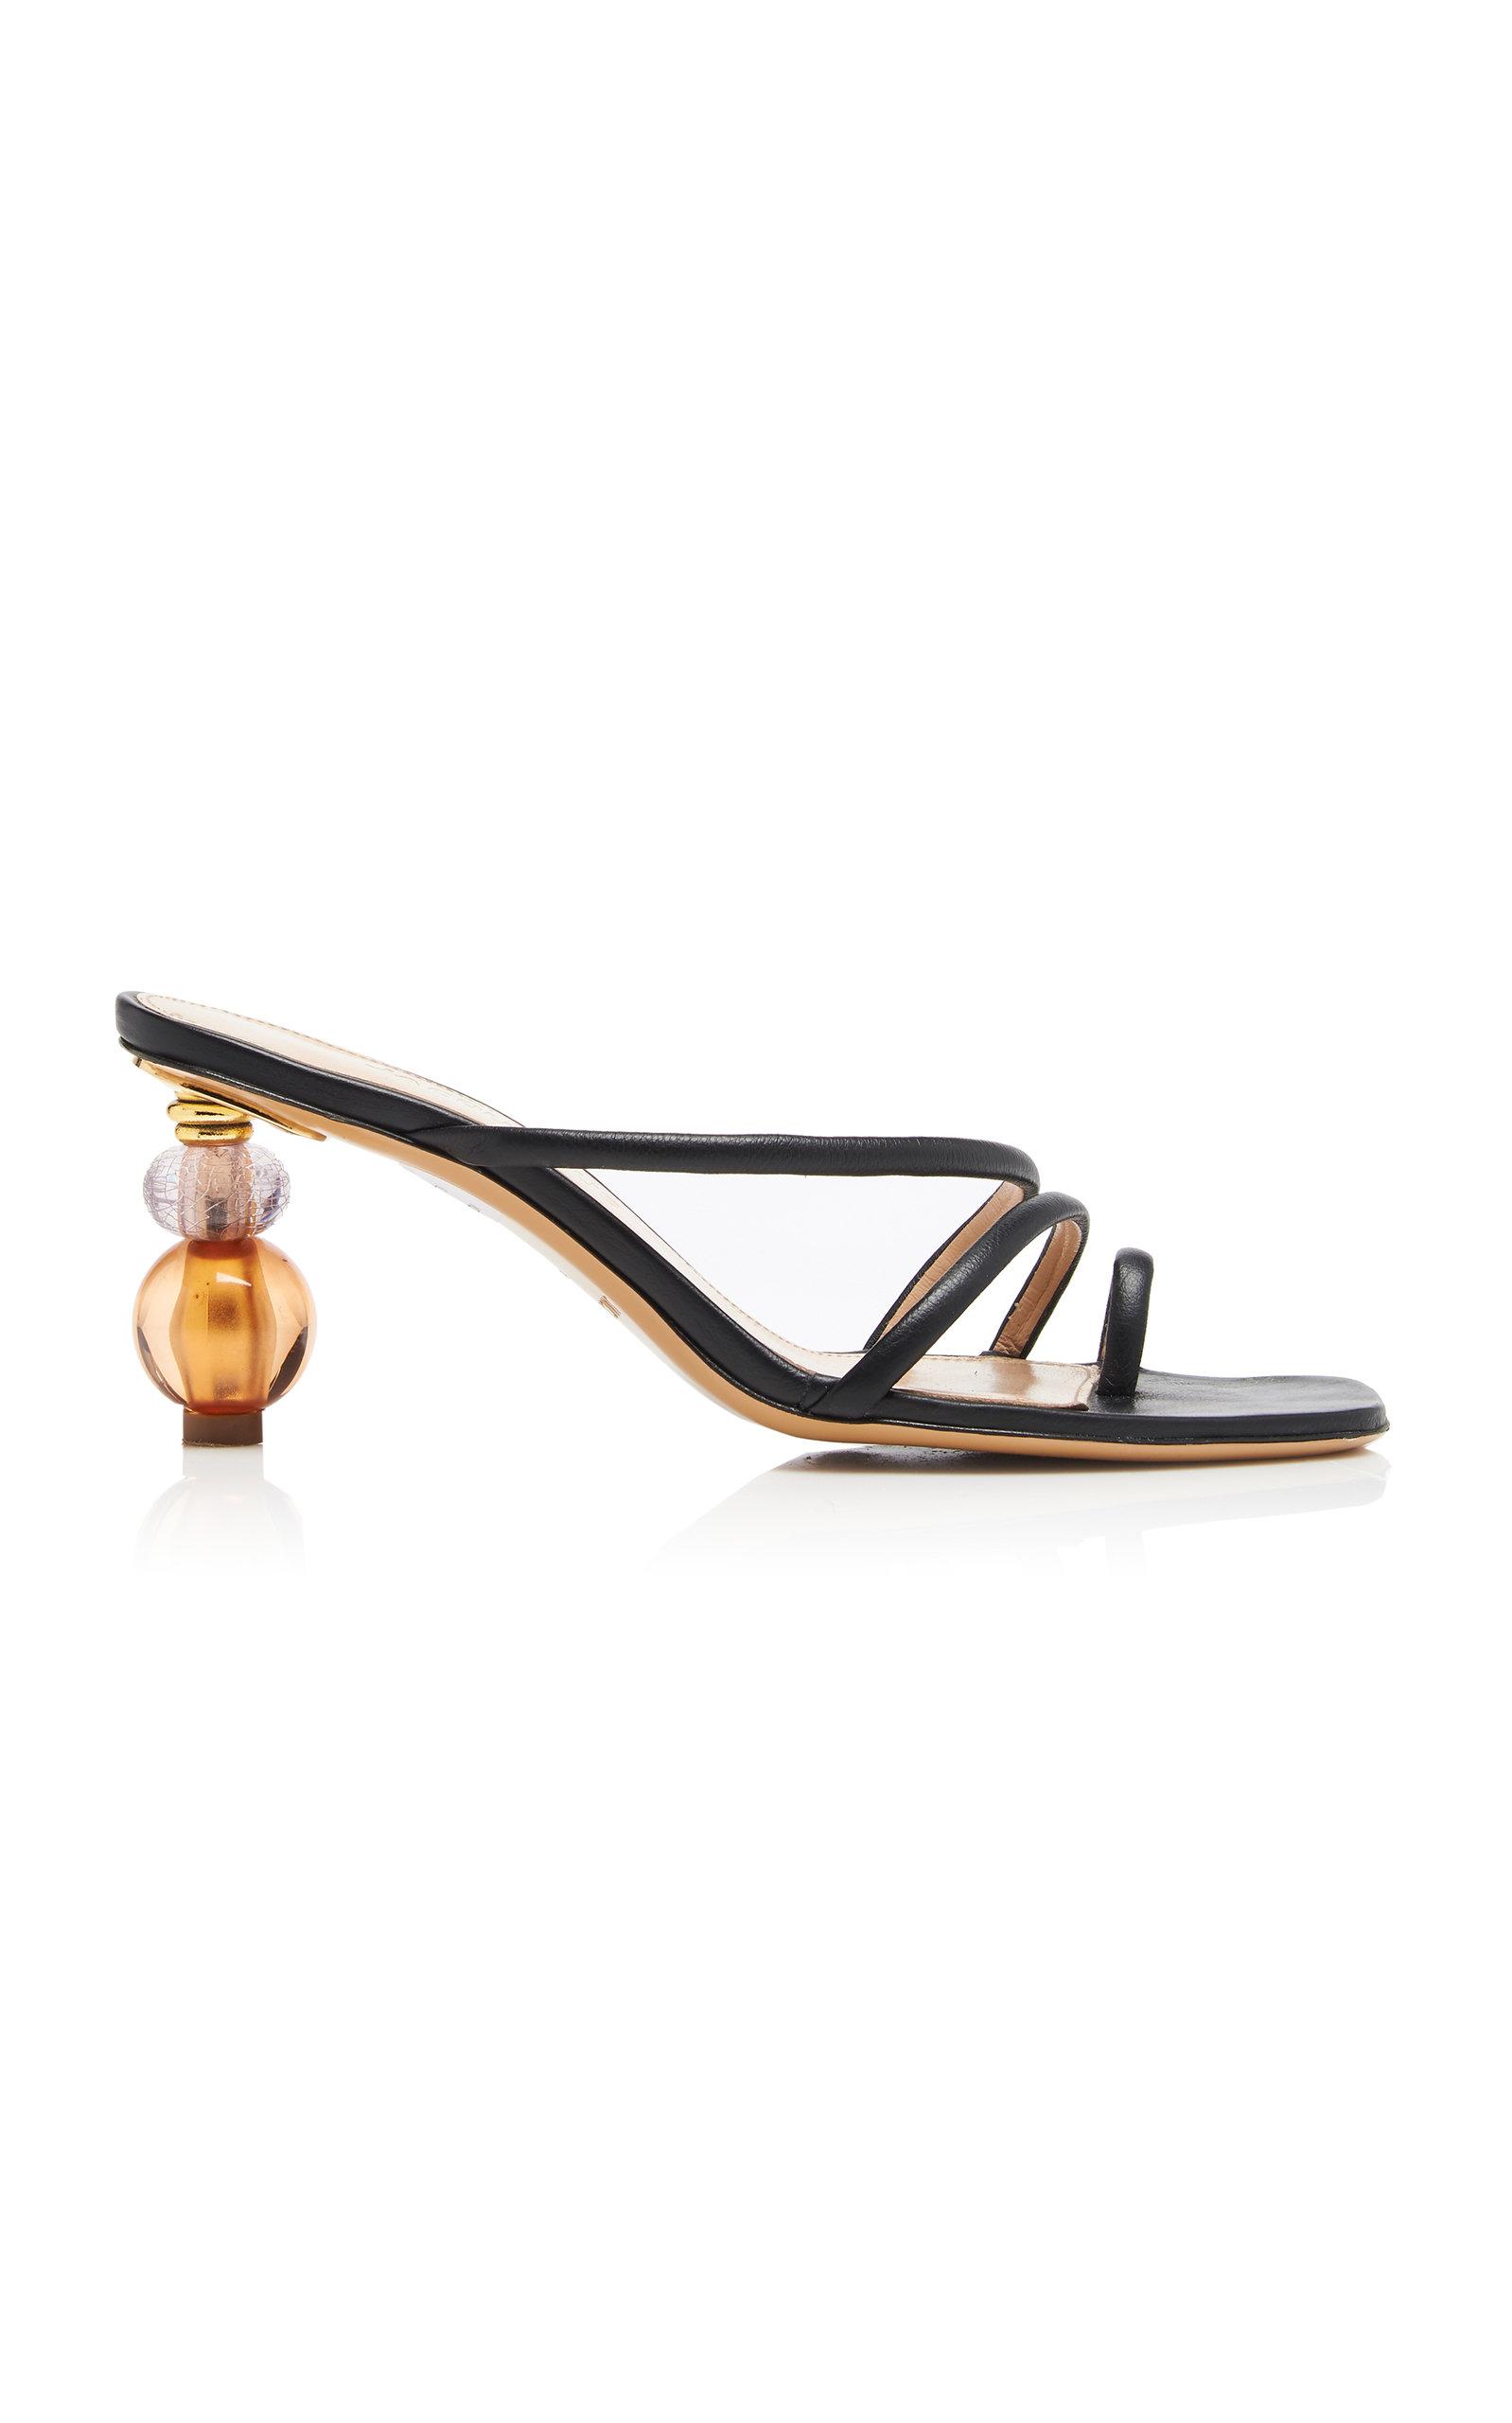 58d8eec5724 JacquemusNoli Leather Sandals. CLOSE. Loading